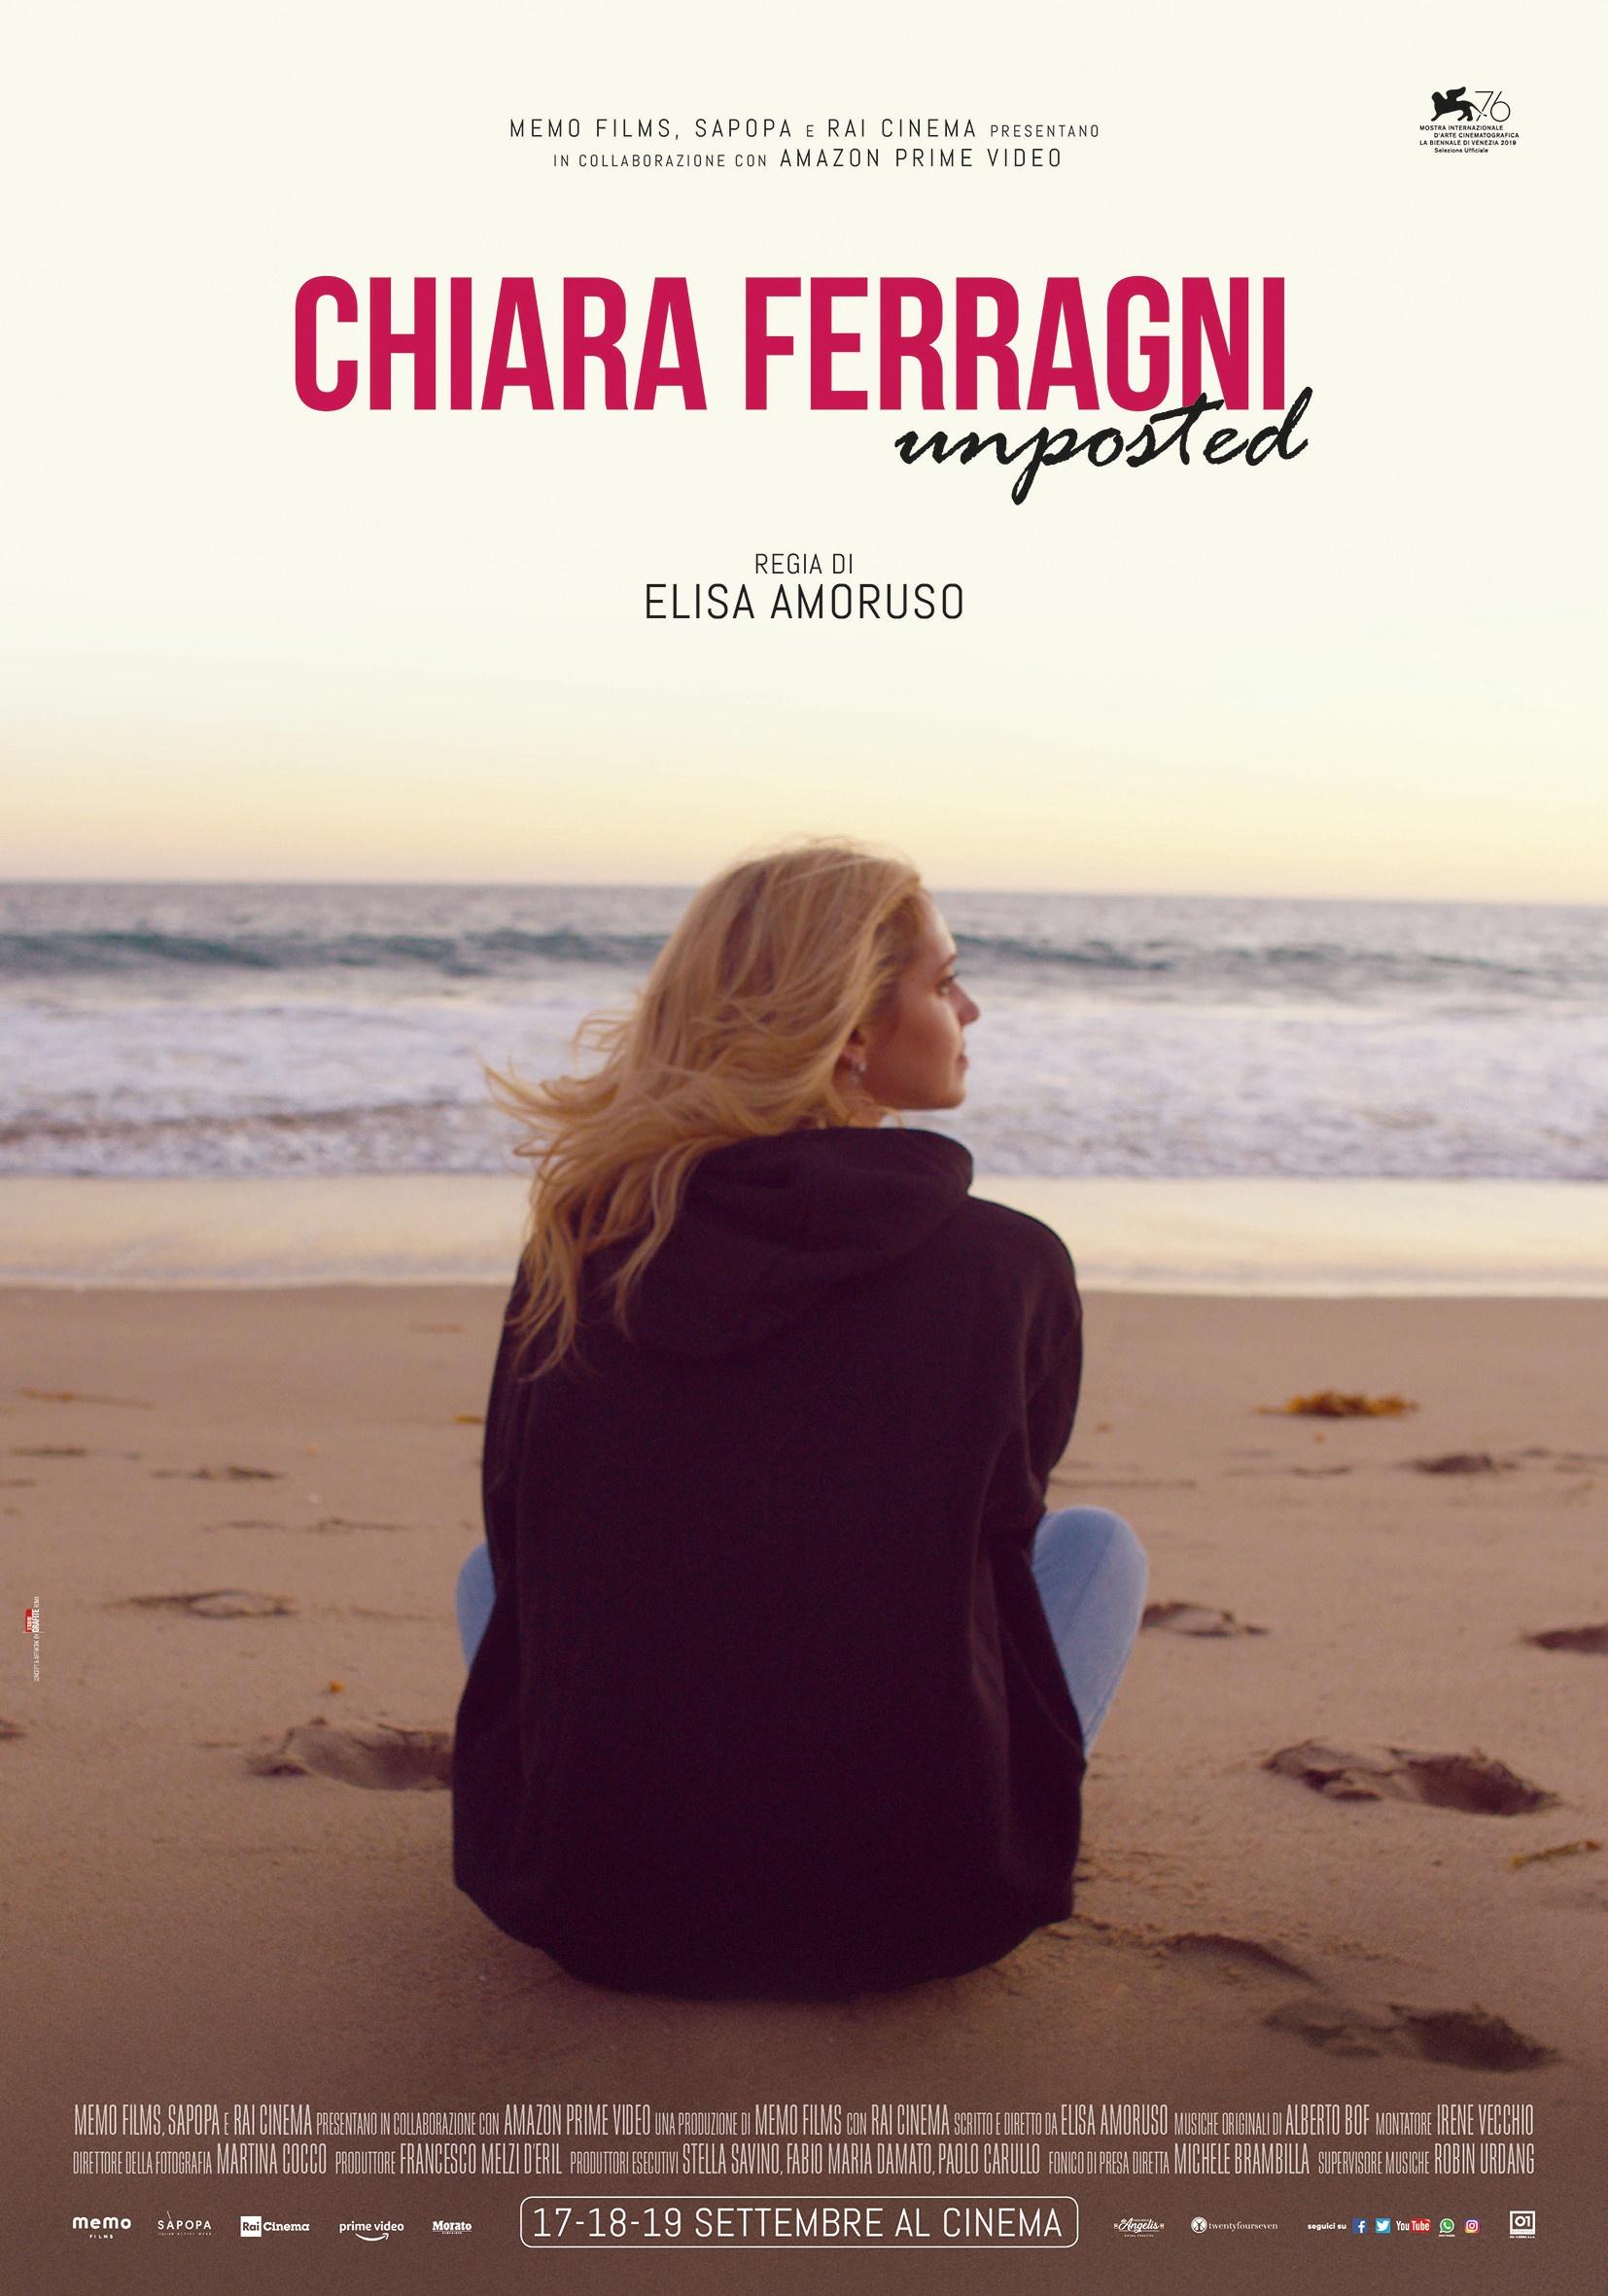 Chiara Ferragni - Unposted: il Poster